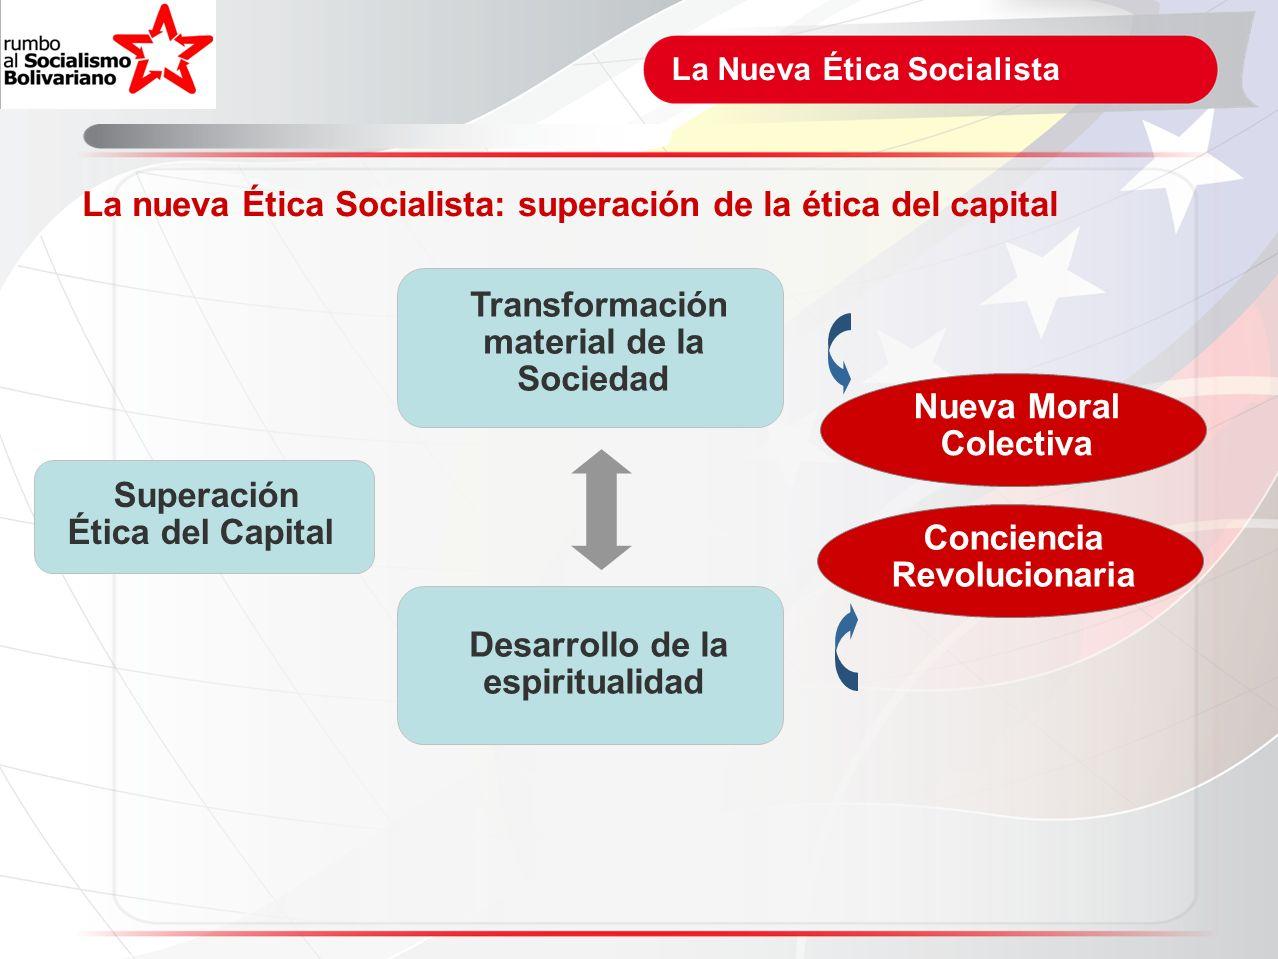 La Nueva Ética Socialista La nueva Ética Socialista: superación de la ética del capital Superación Ética del Capital Transformación material de la Soc